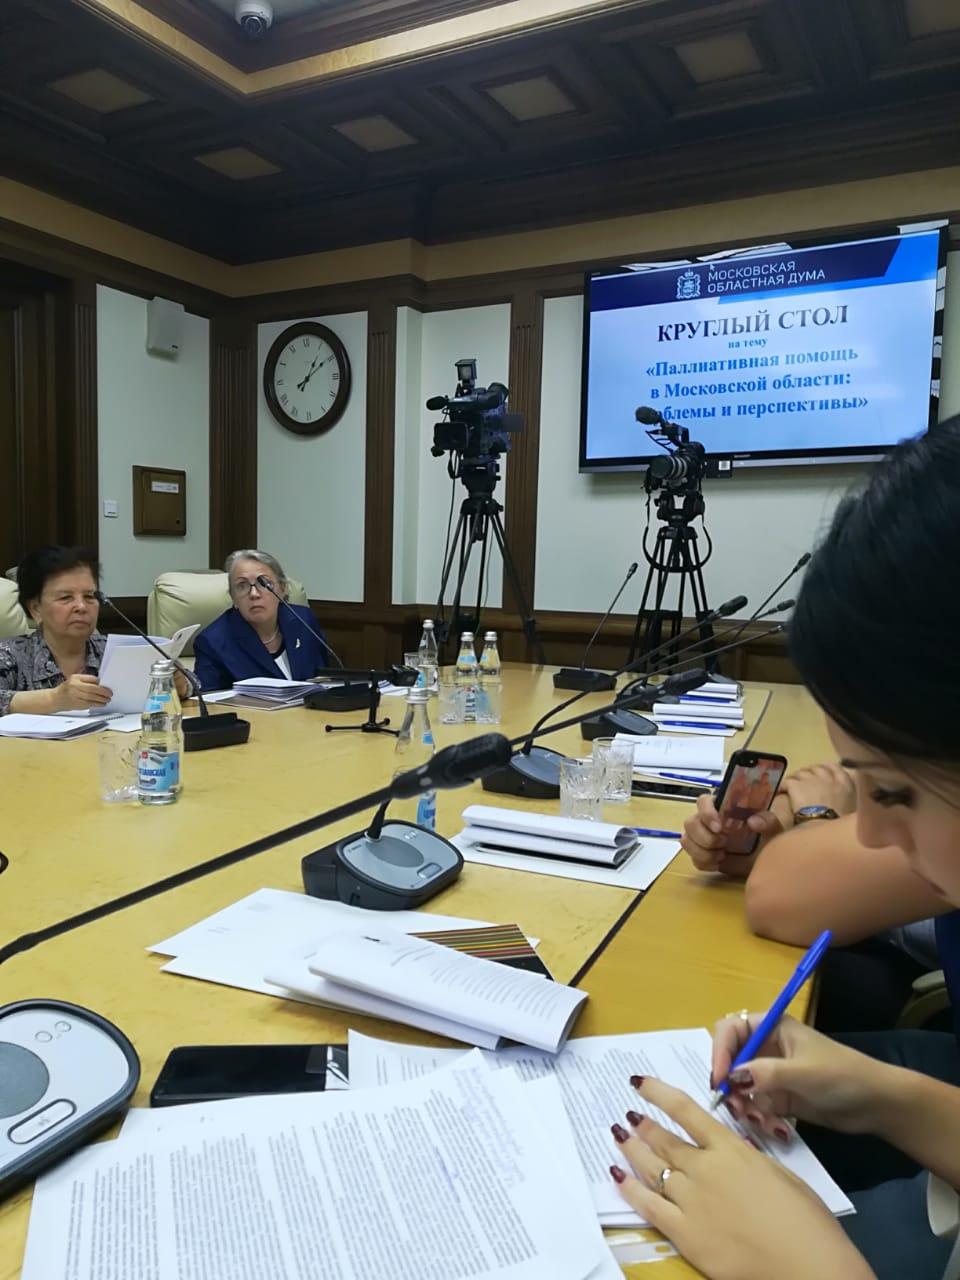 3 июля 2019 года в МО Думе прошел круглый стол «Паллиативная помощь в Московской области: проблемы и перспективы» АРДИП